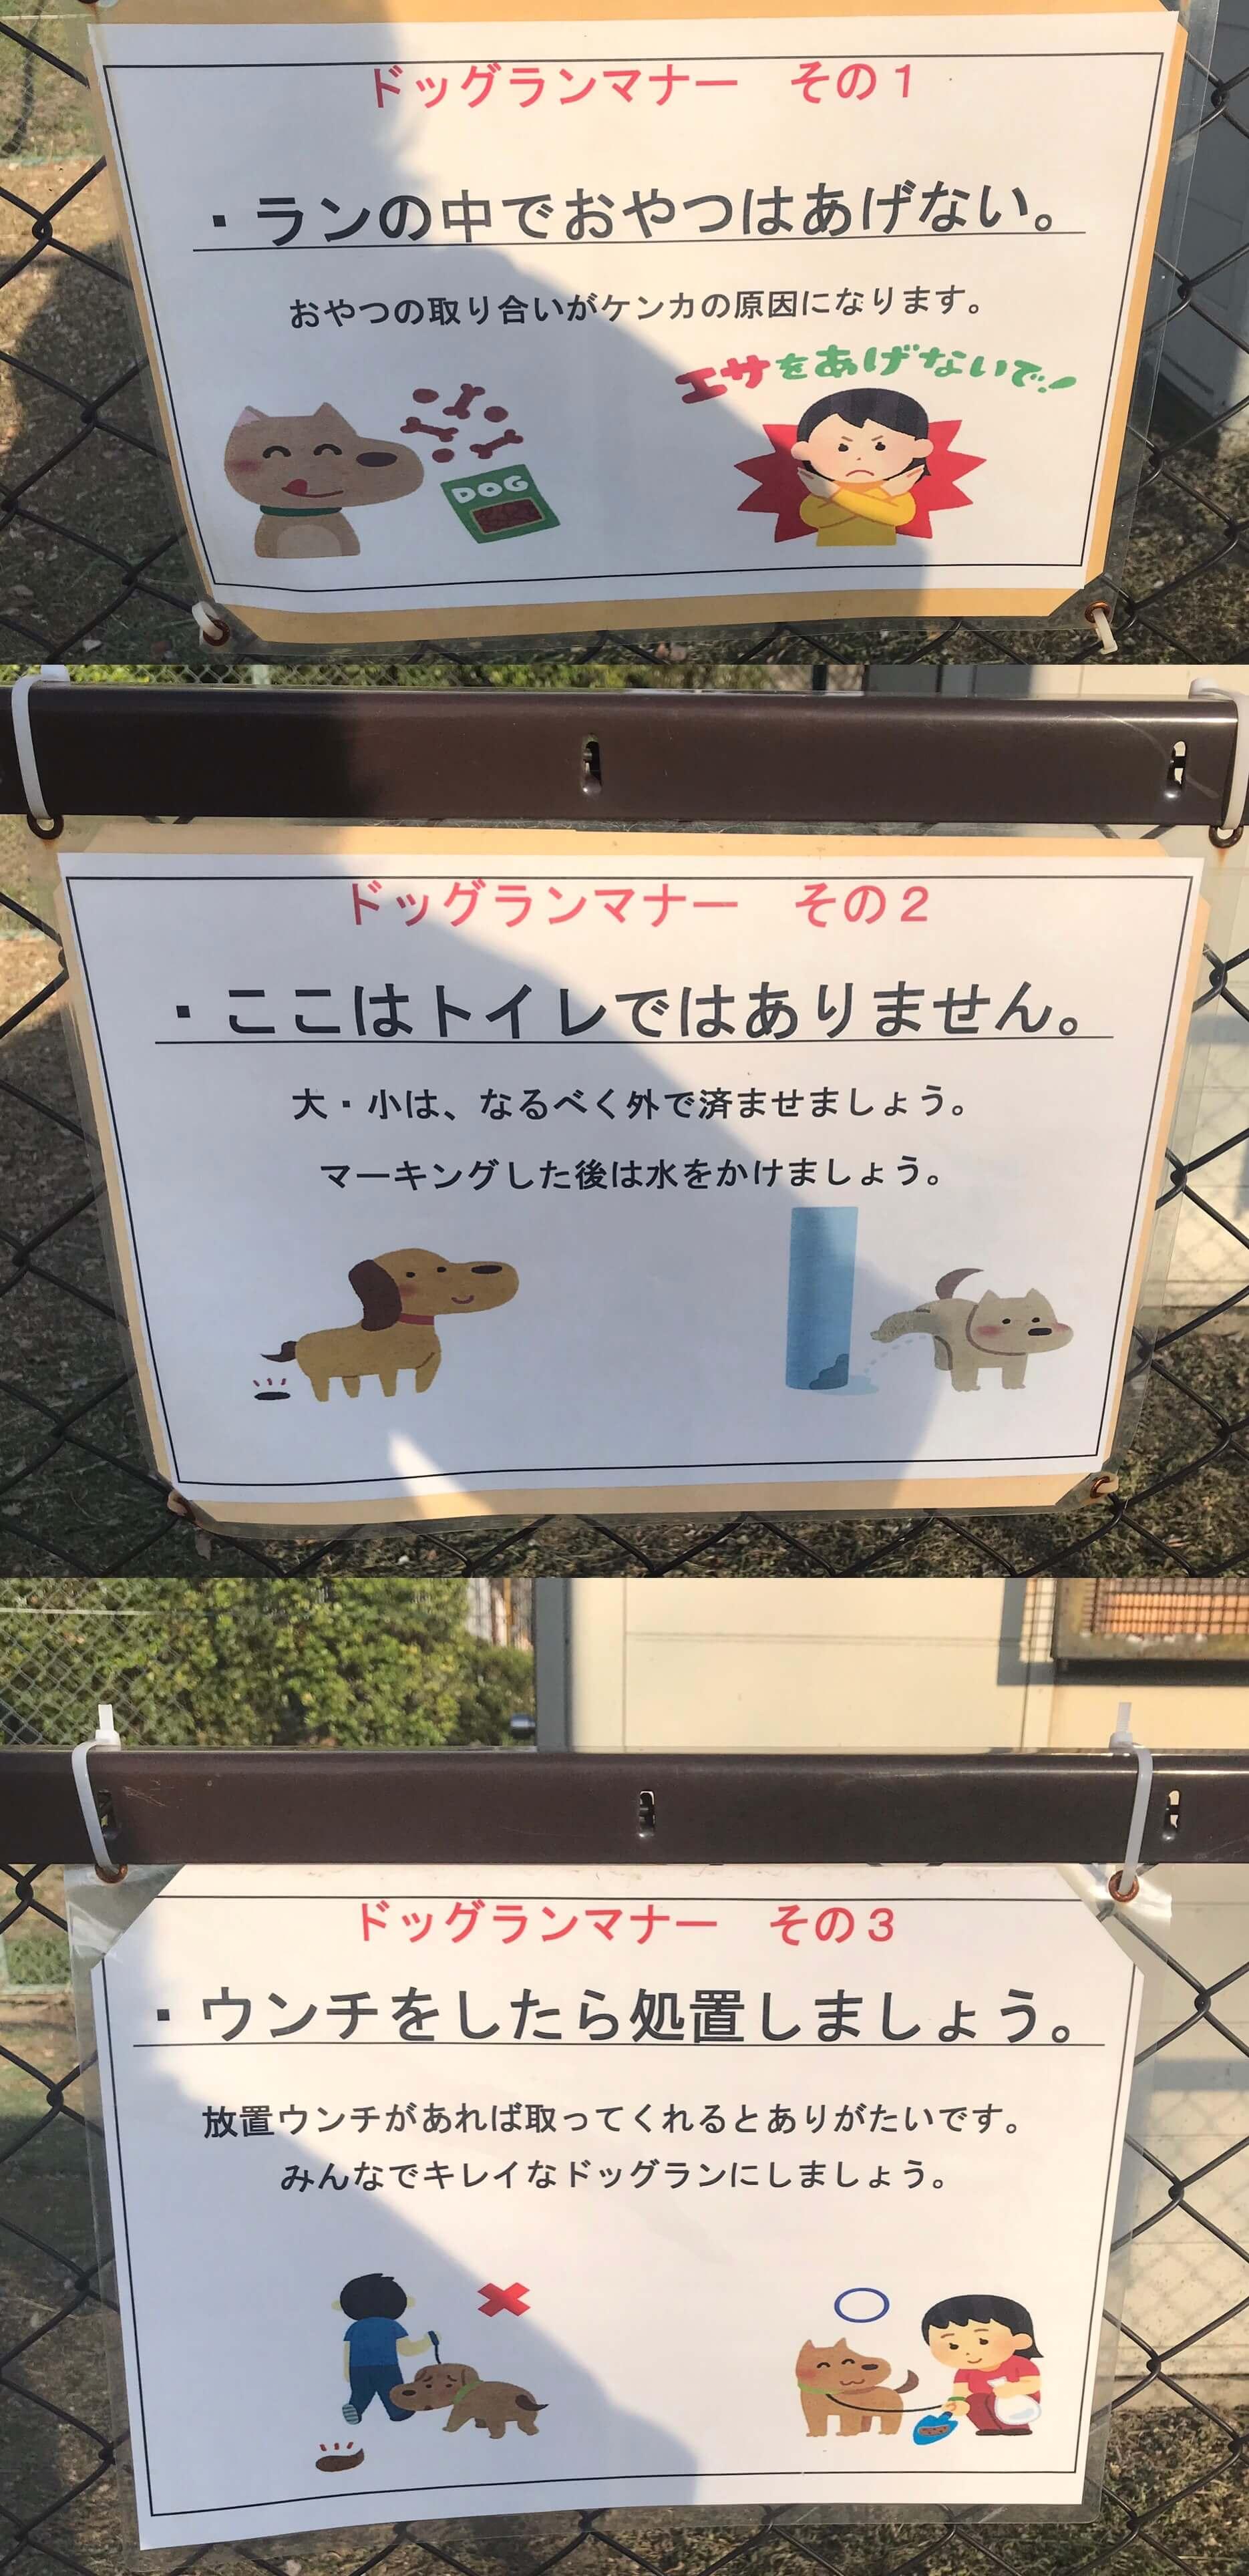 住之江公園ドッグラン ドッグランのマナーpop